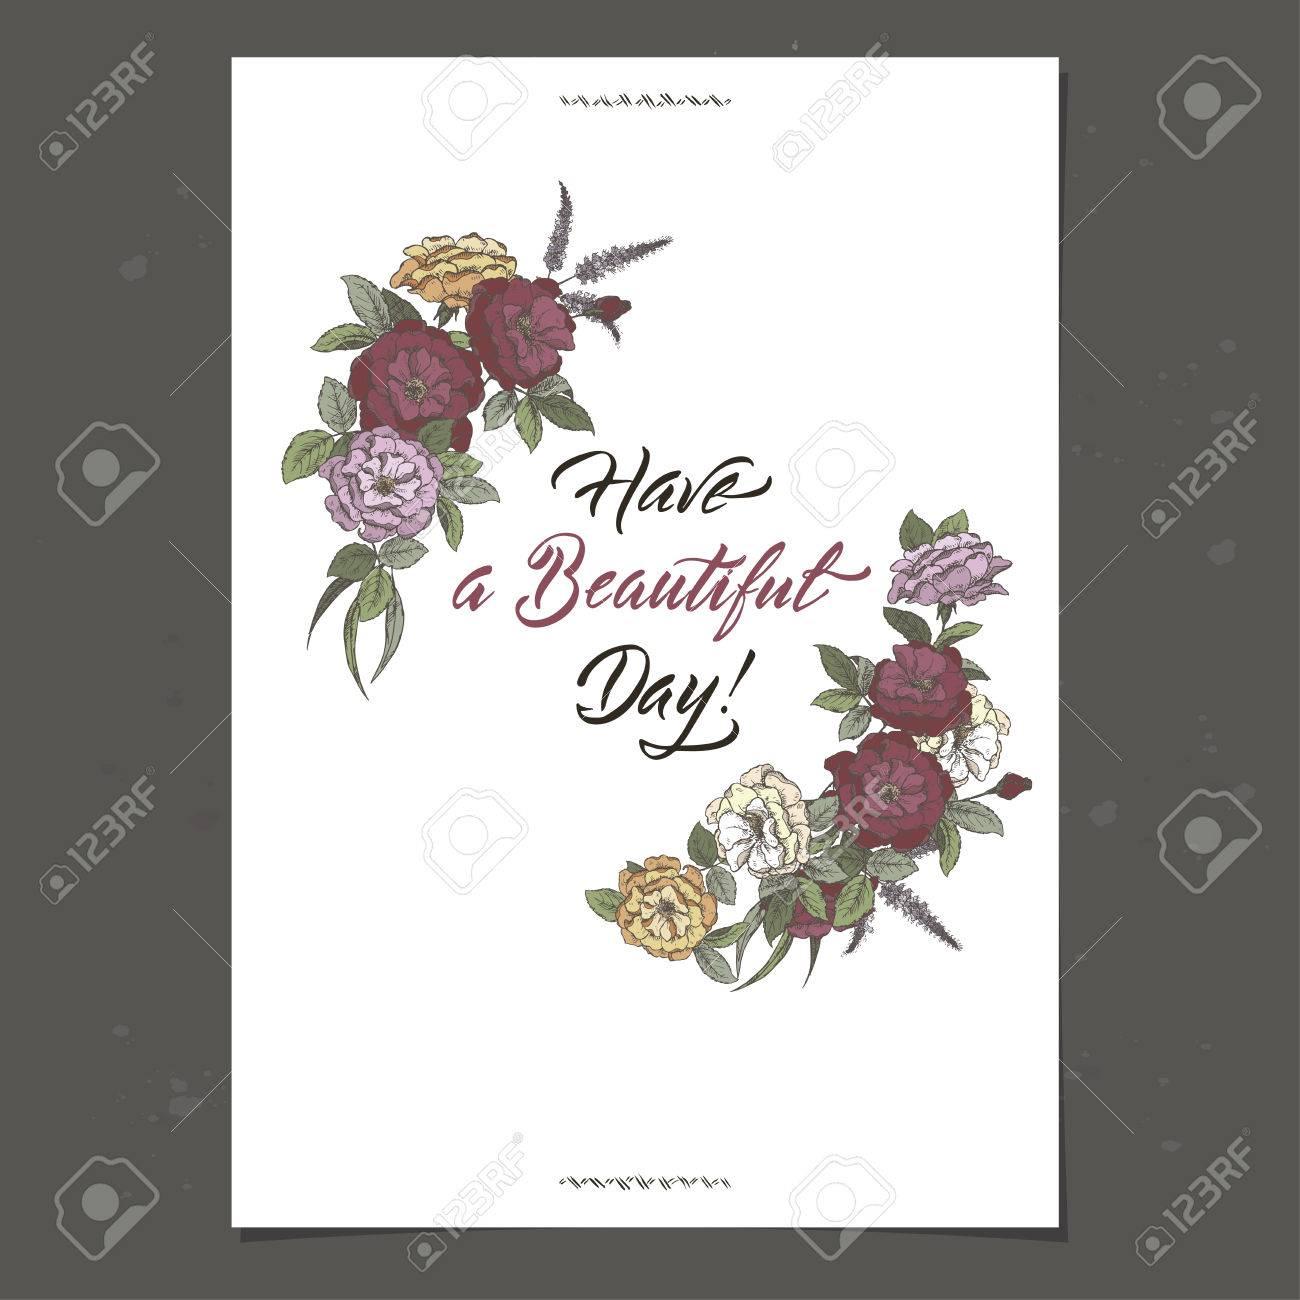 Carte Anniversaire Romantique.Modele De Carte D Anniversaire Romantique A4 Avec Calligraphie Et